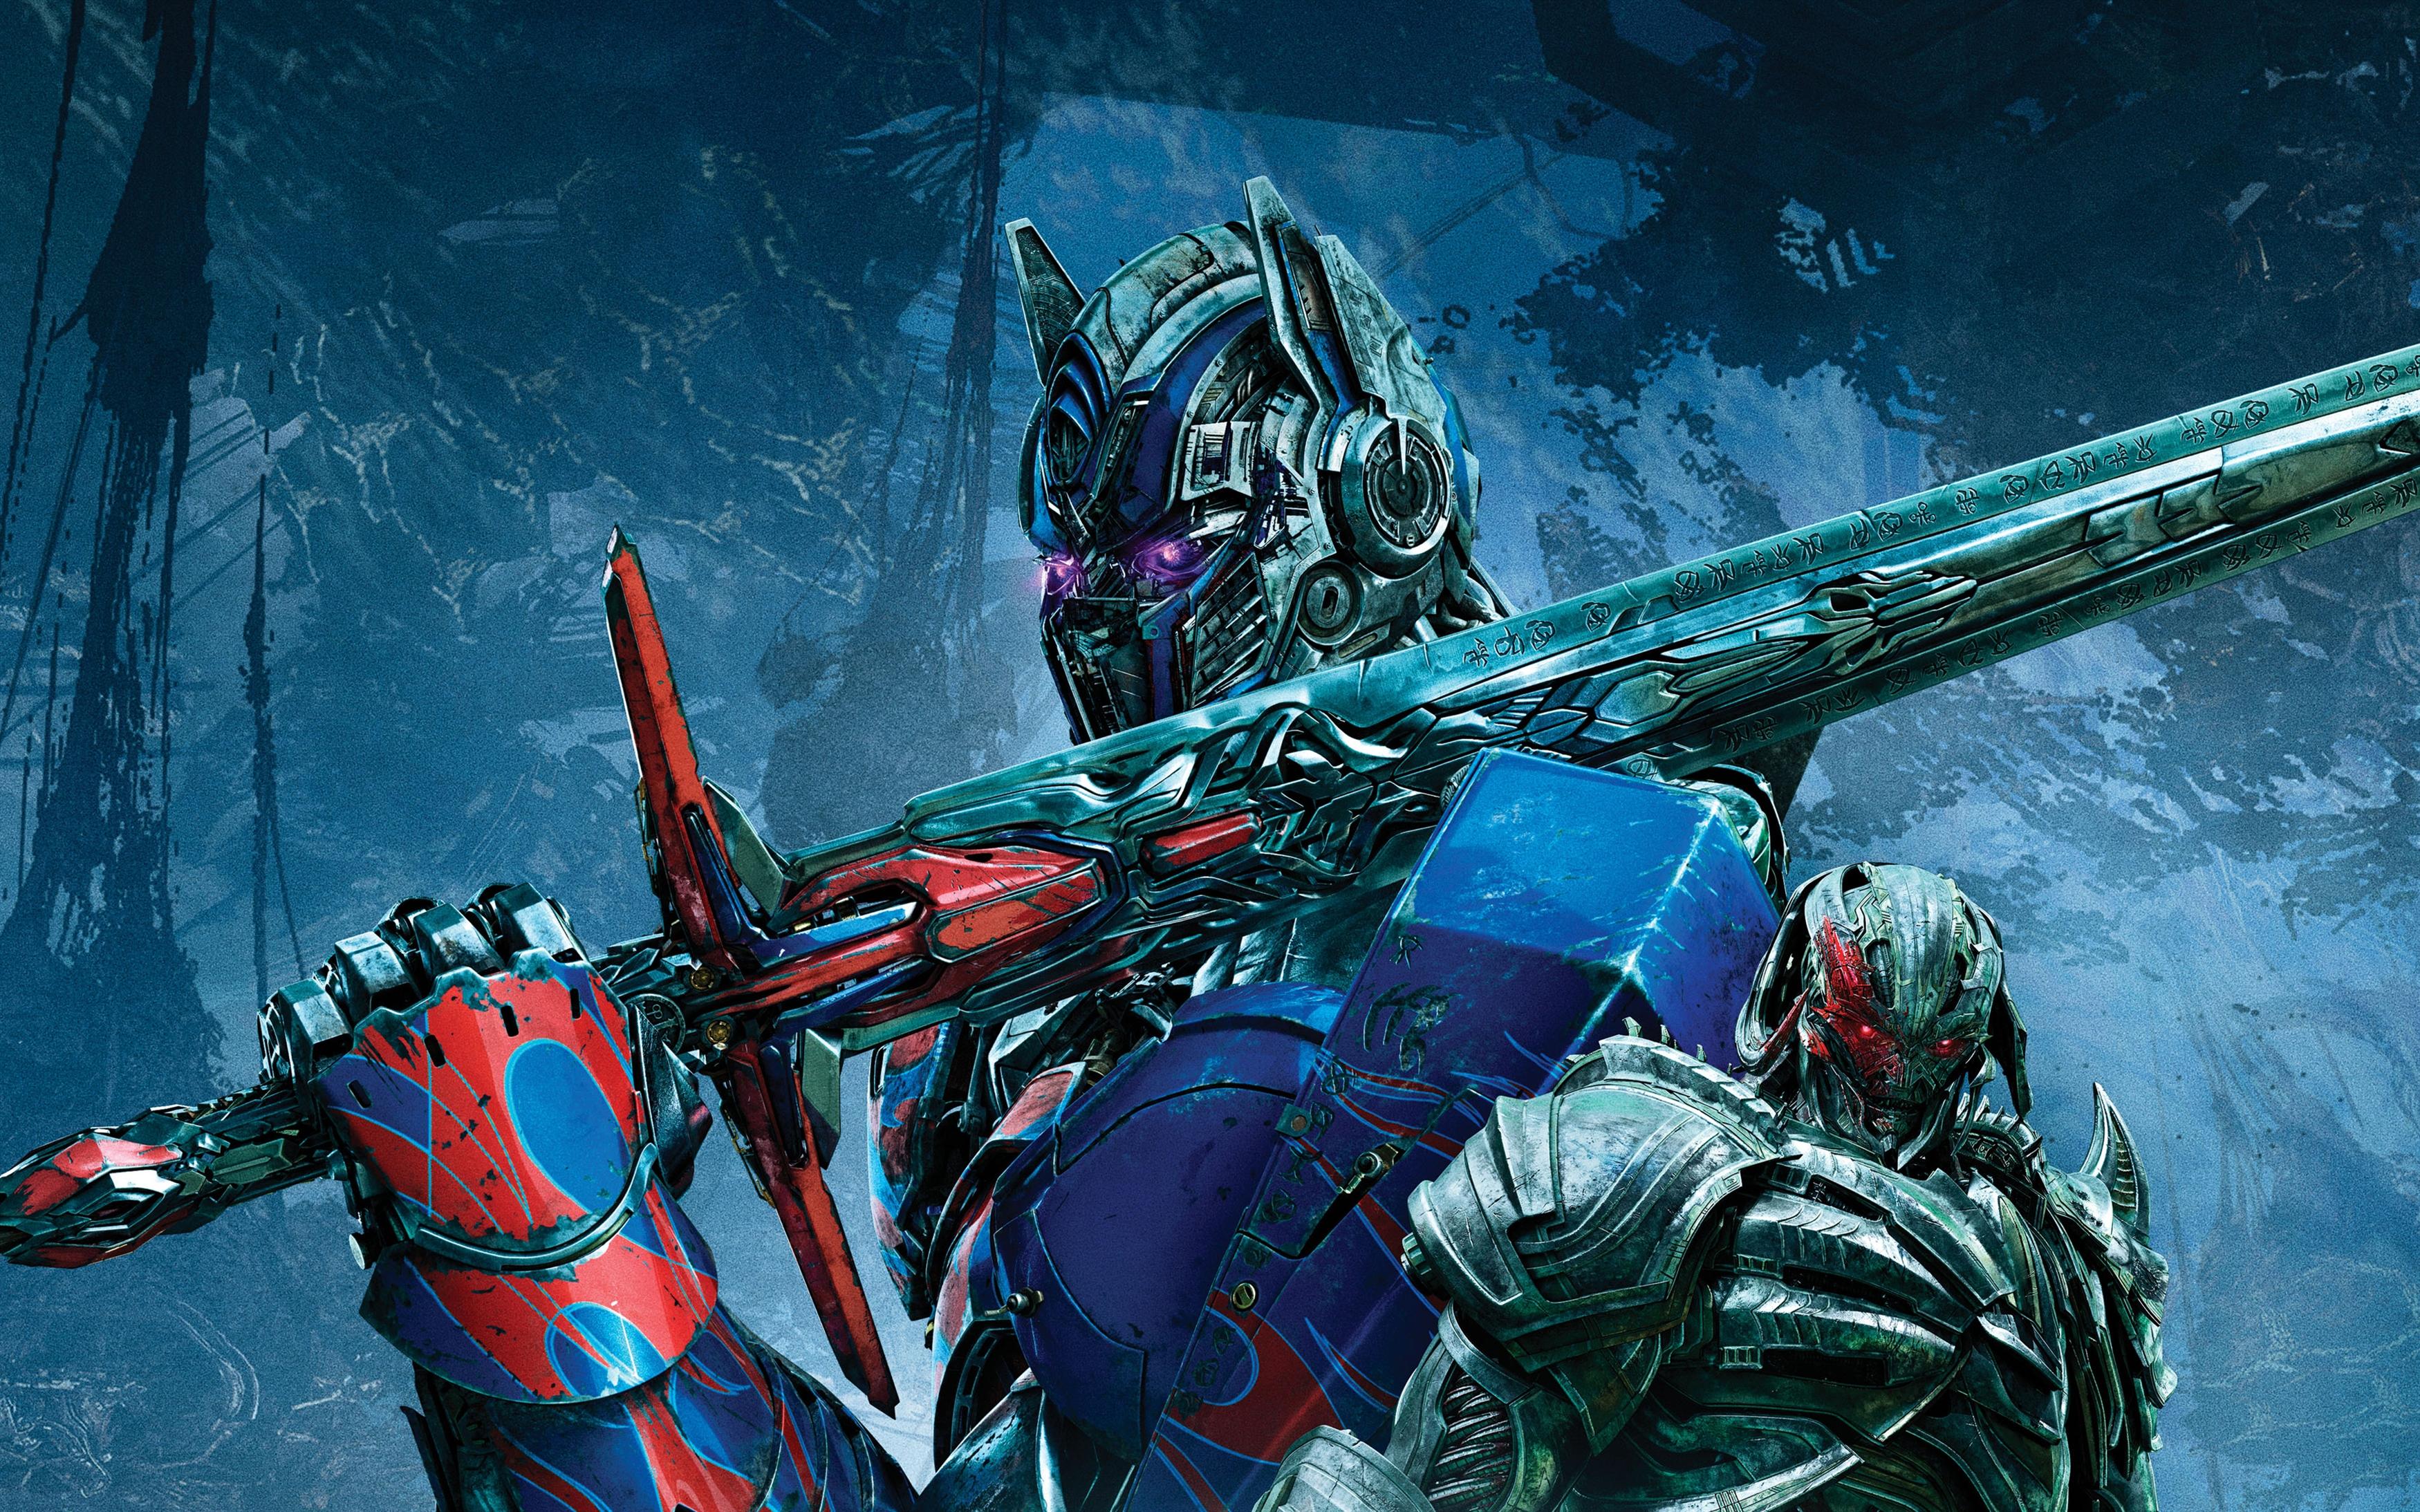 Трансформеры последний рыцарь Оптимус Прайм. обои скачать